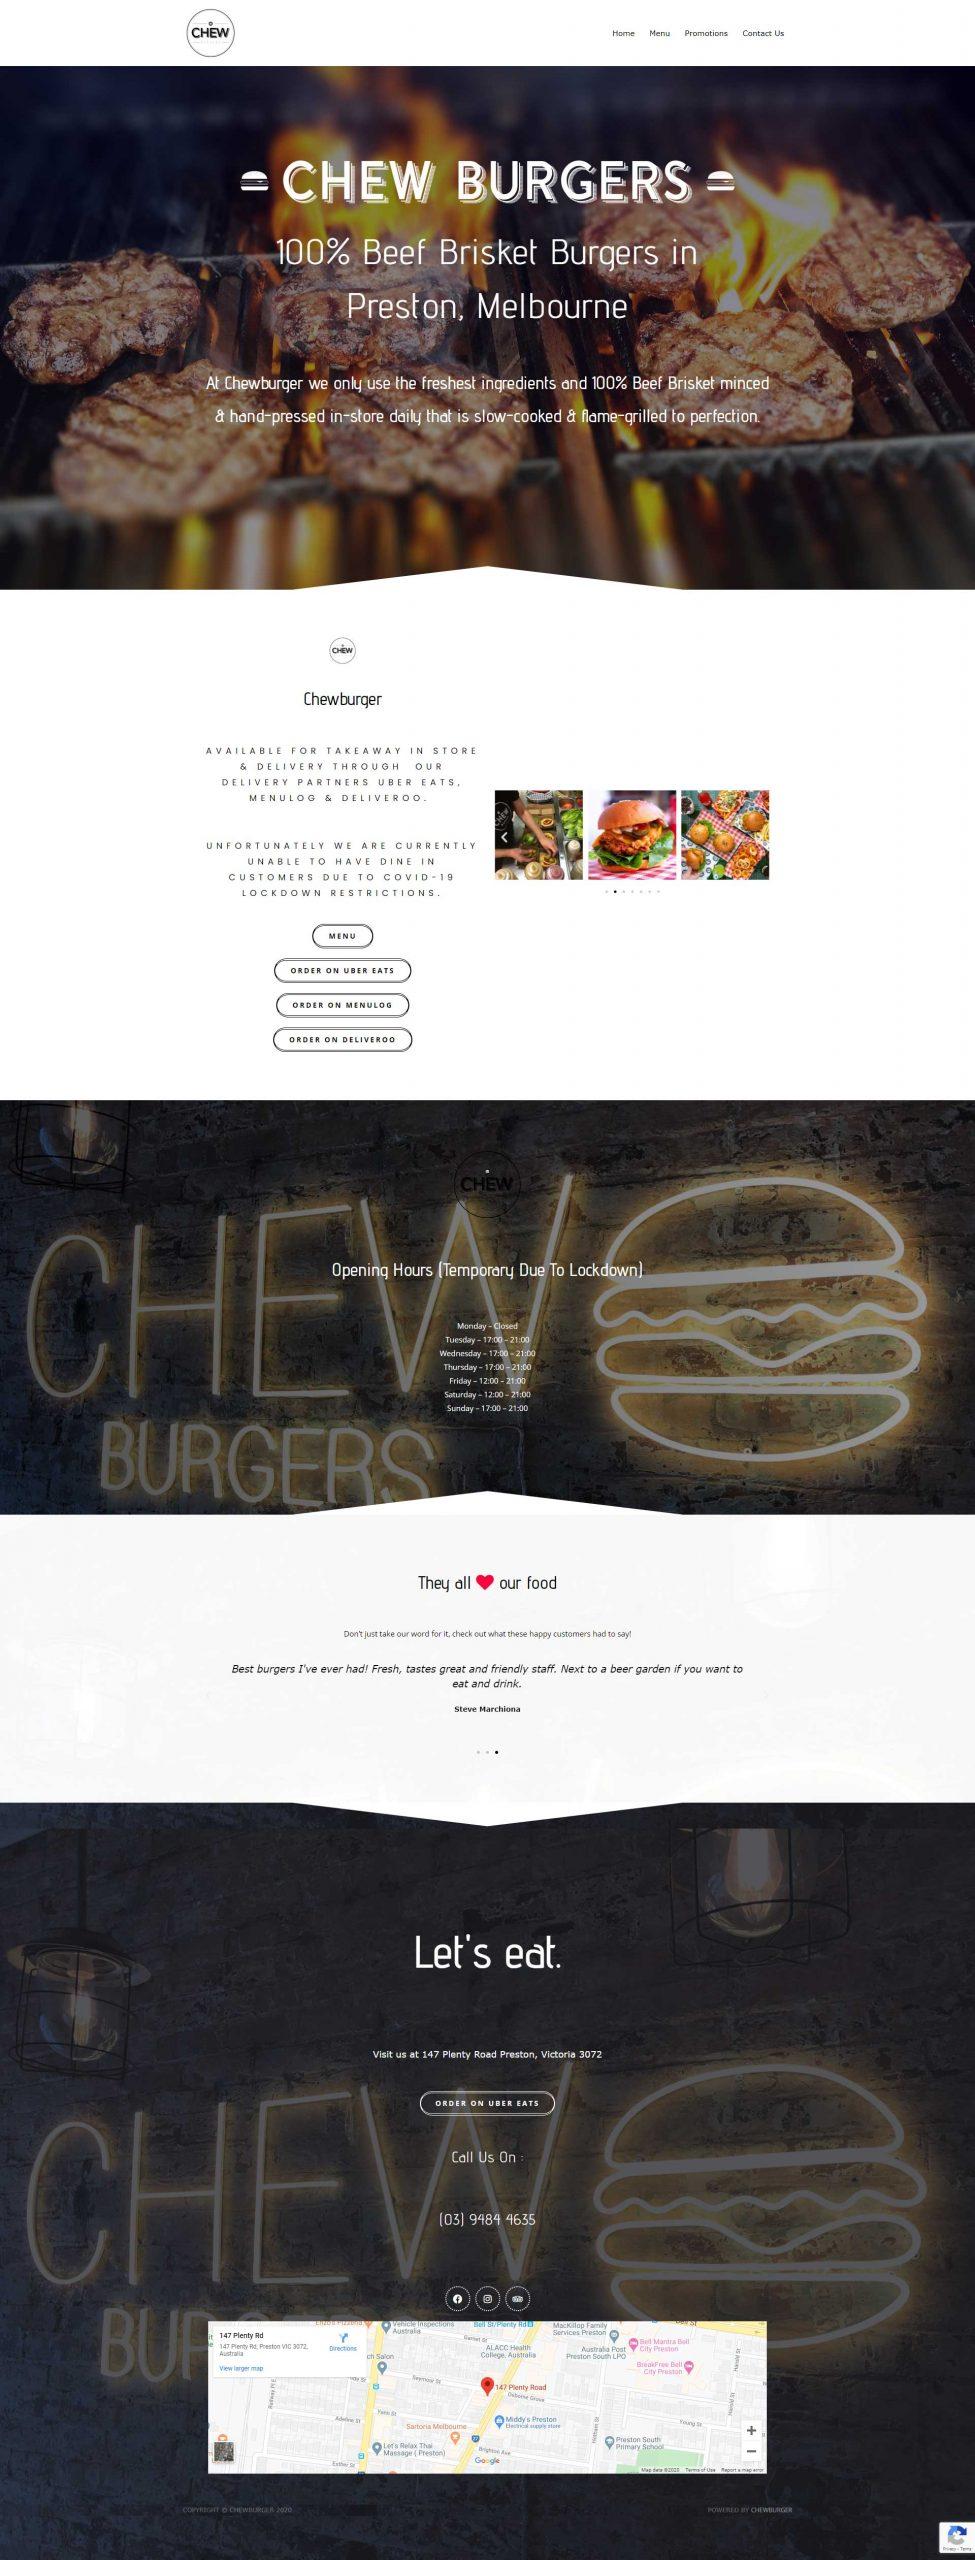 Chewburger